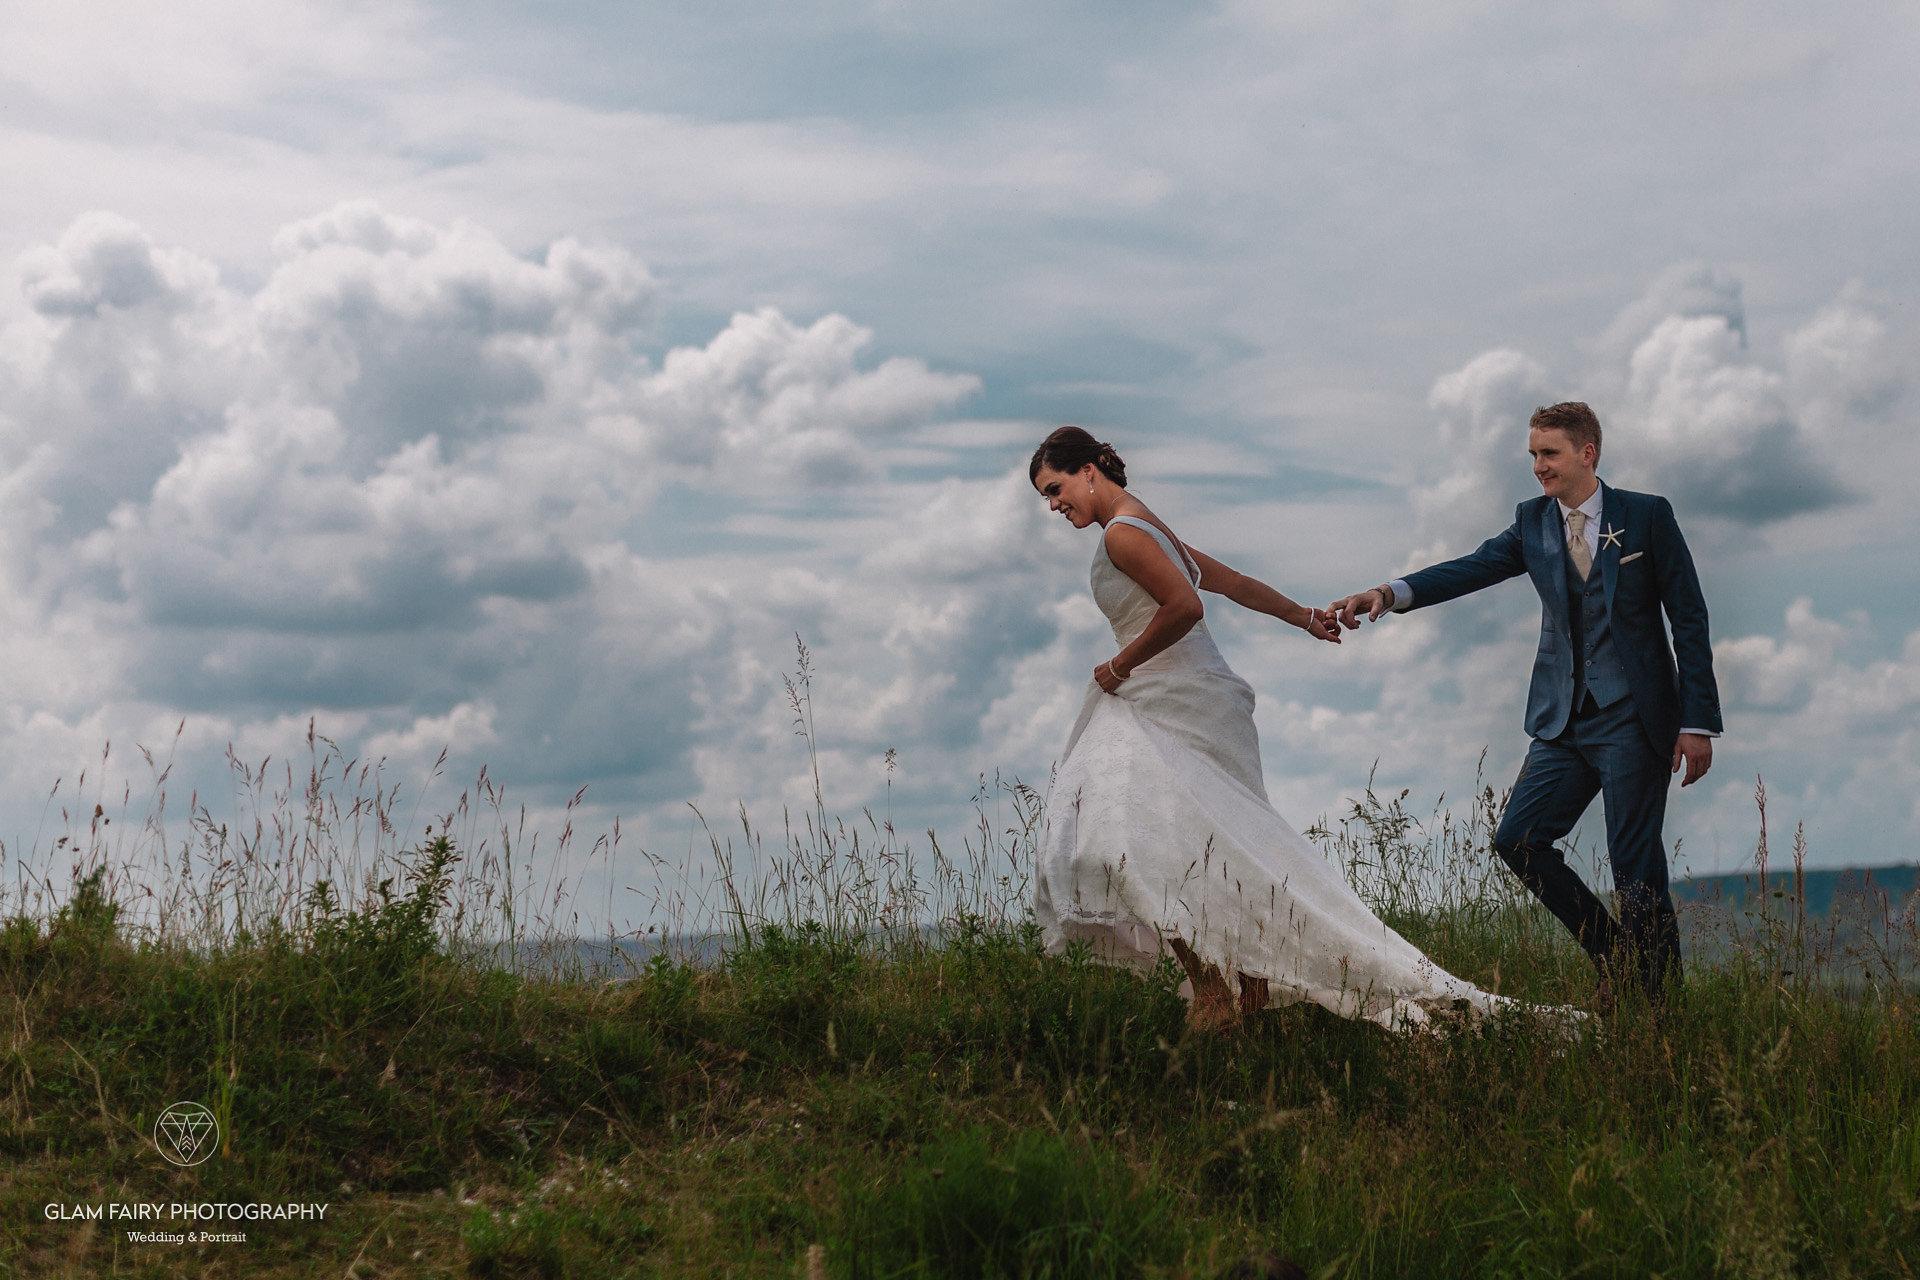 glamfairyphotography-mariage-manoir-de-portejoie-anais_0076